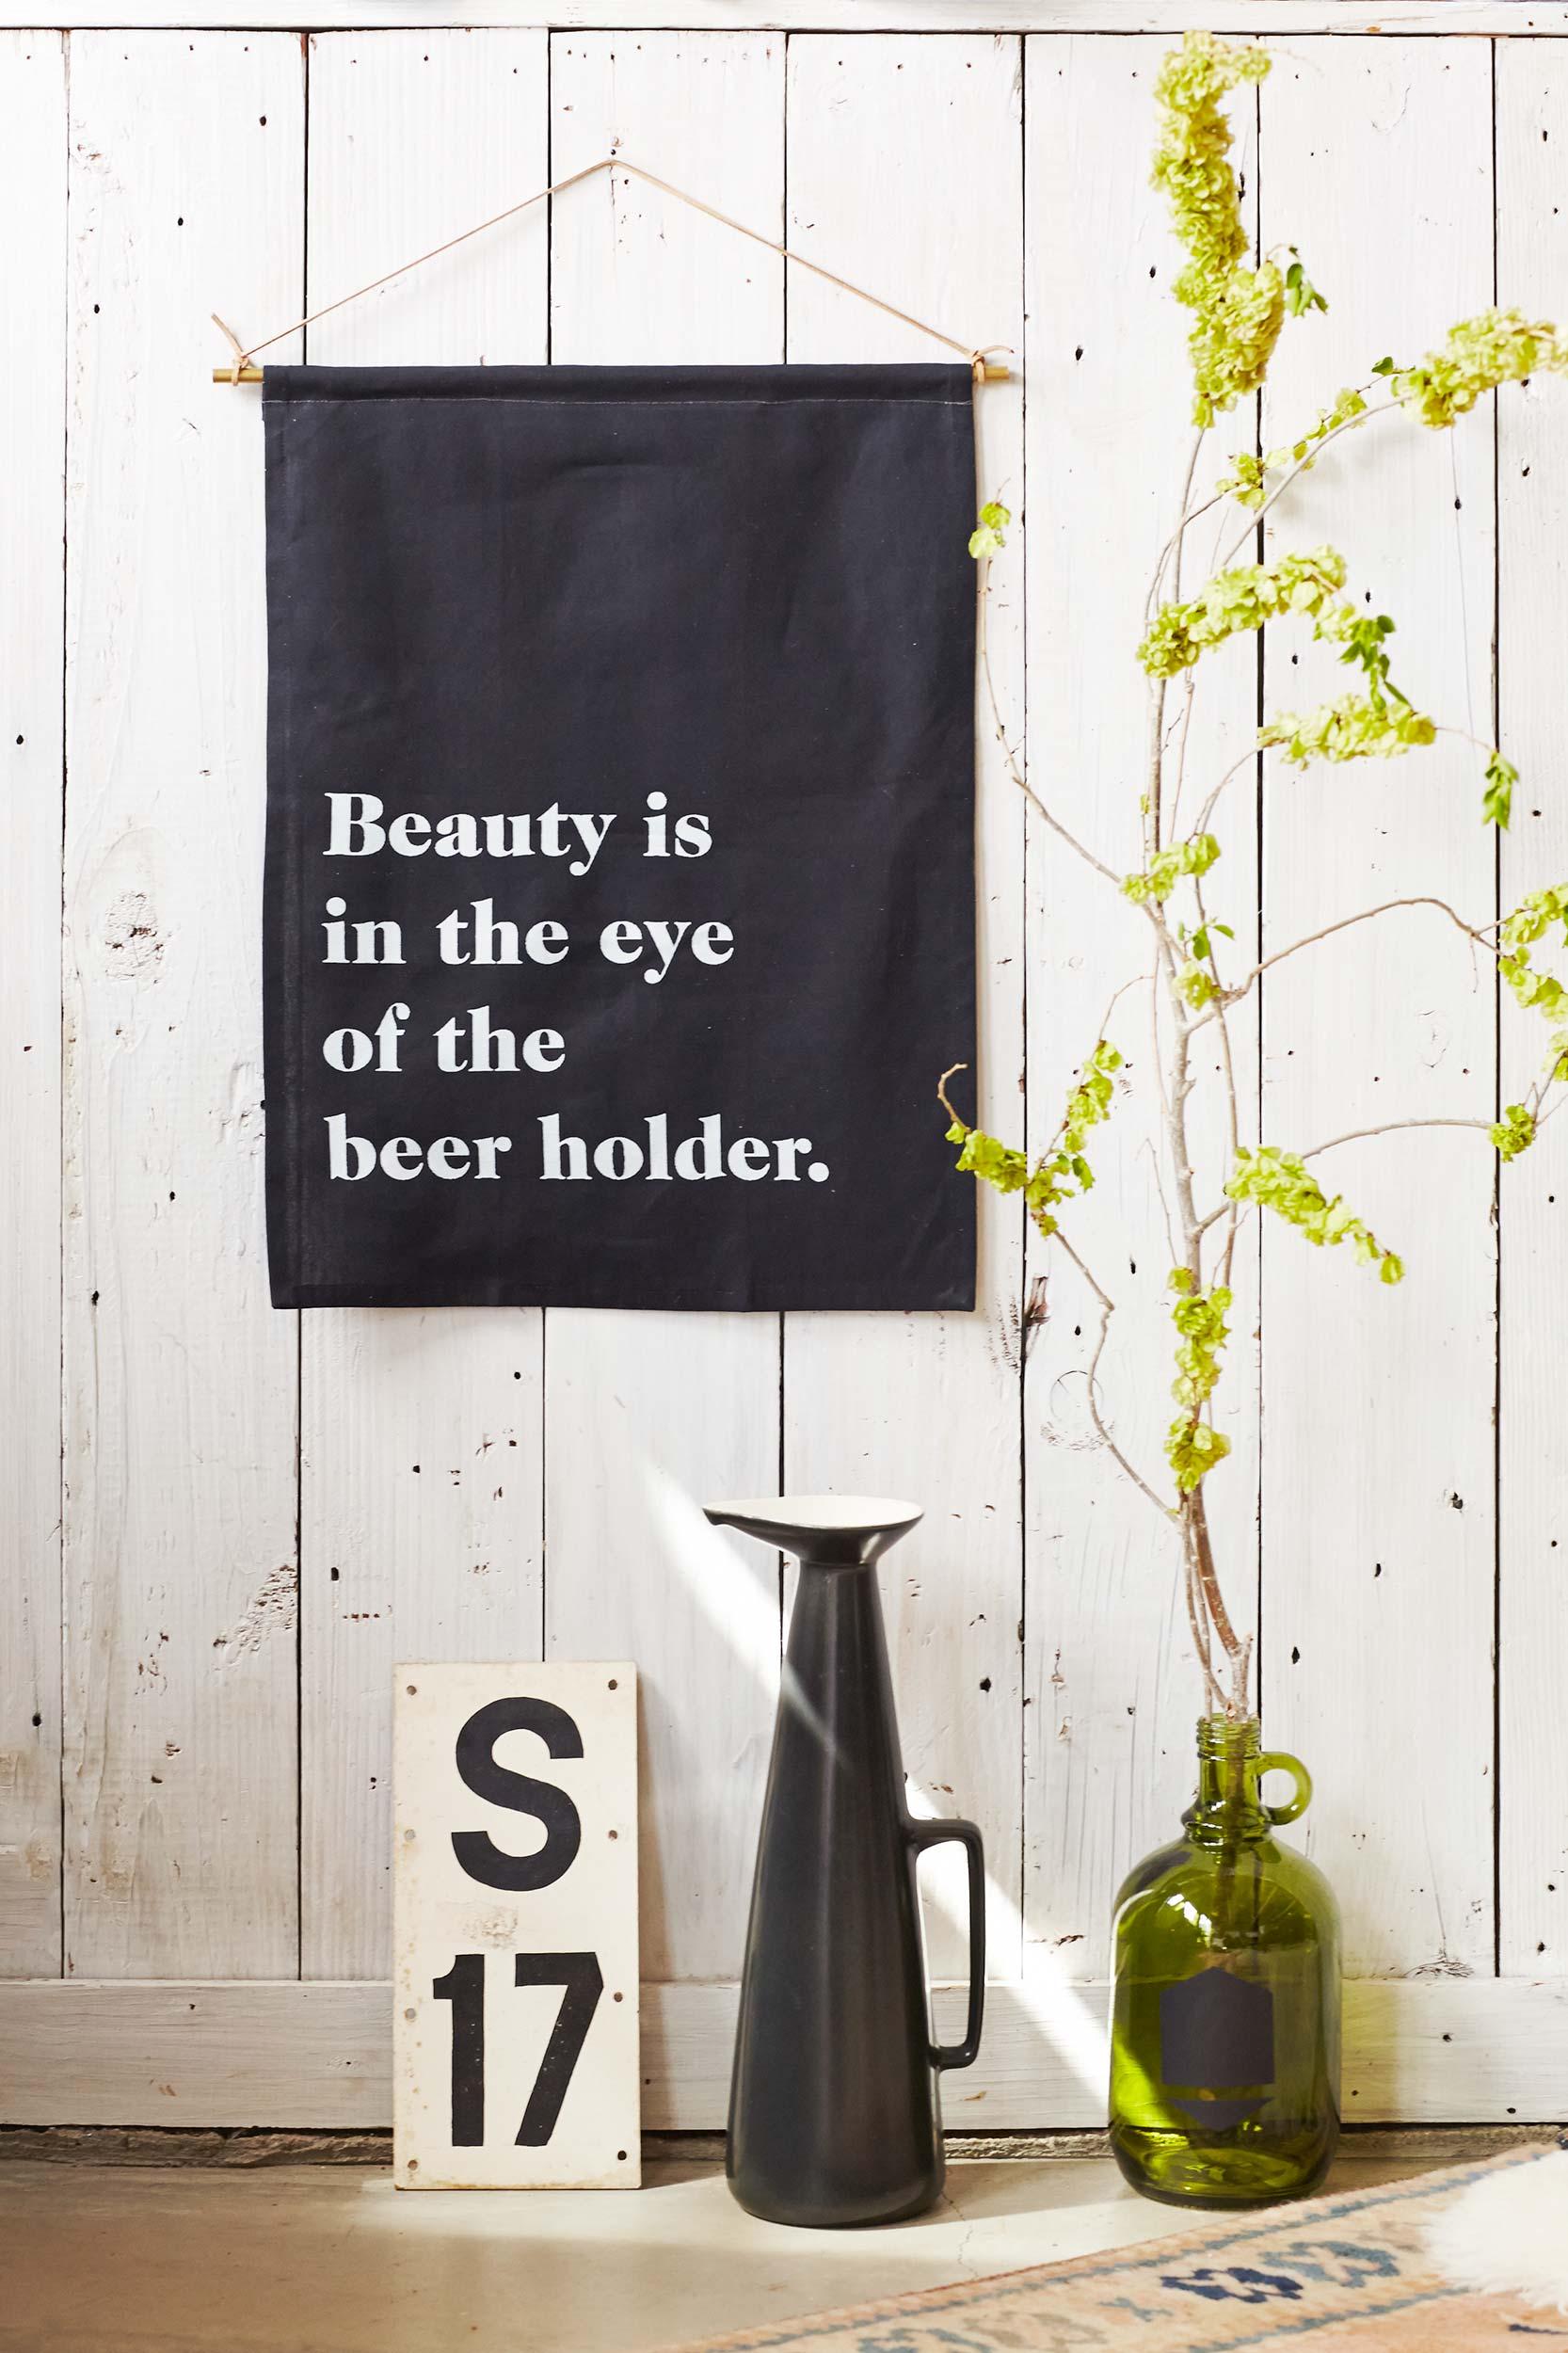 324476_BeerBanner_Pin03_0001.jpg